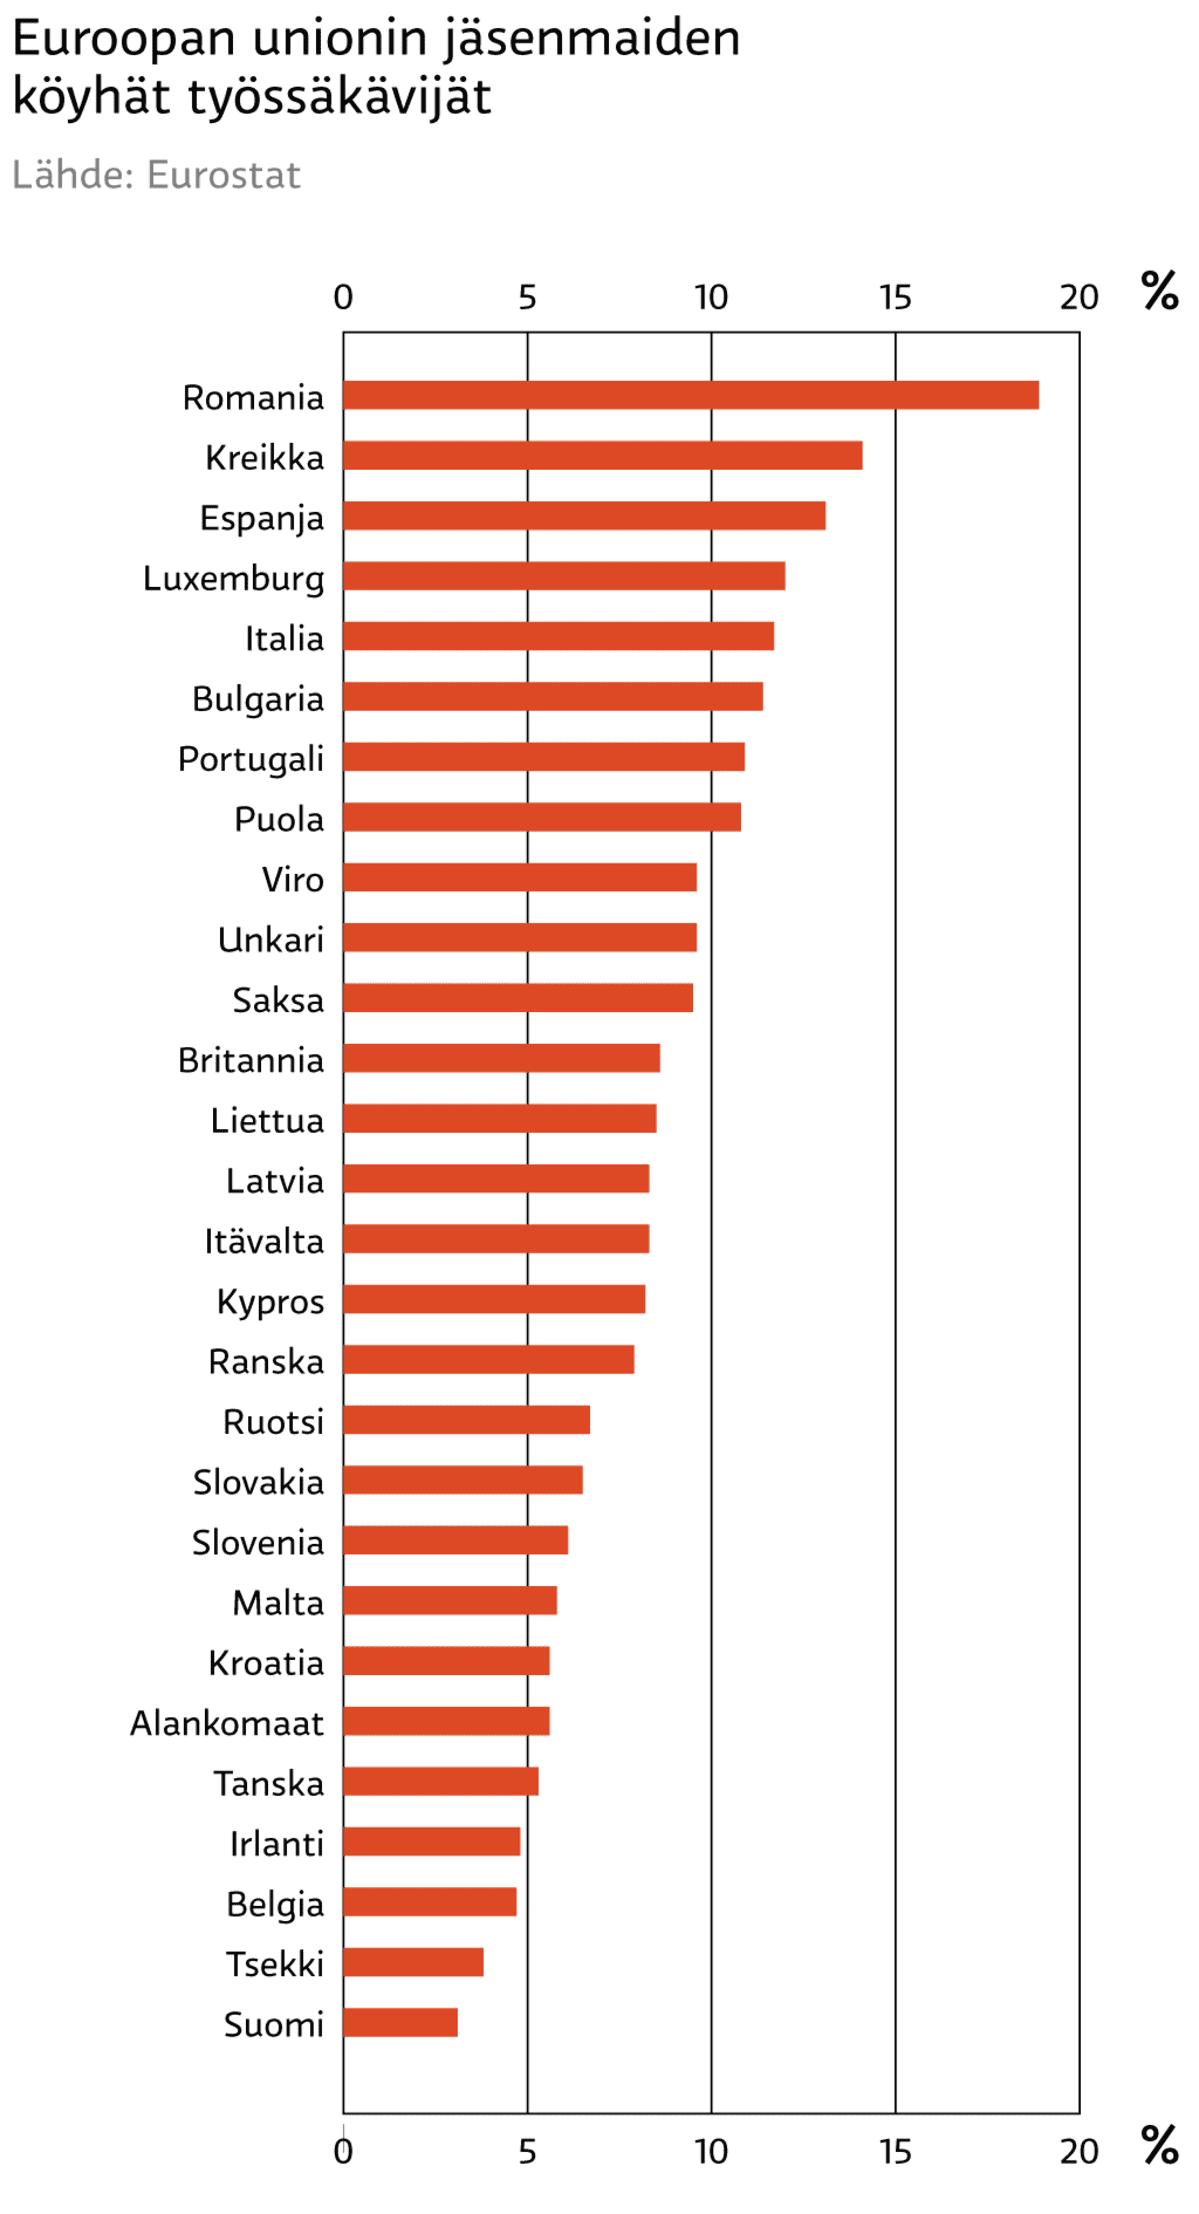 EU:n köyhät työssäkäyvät